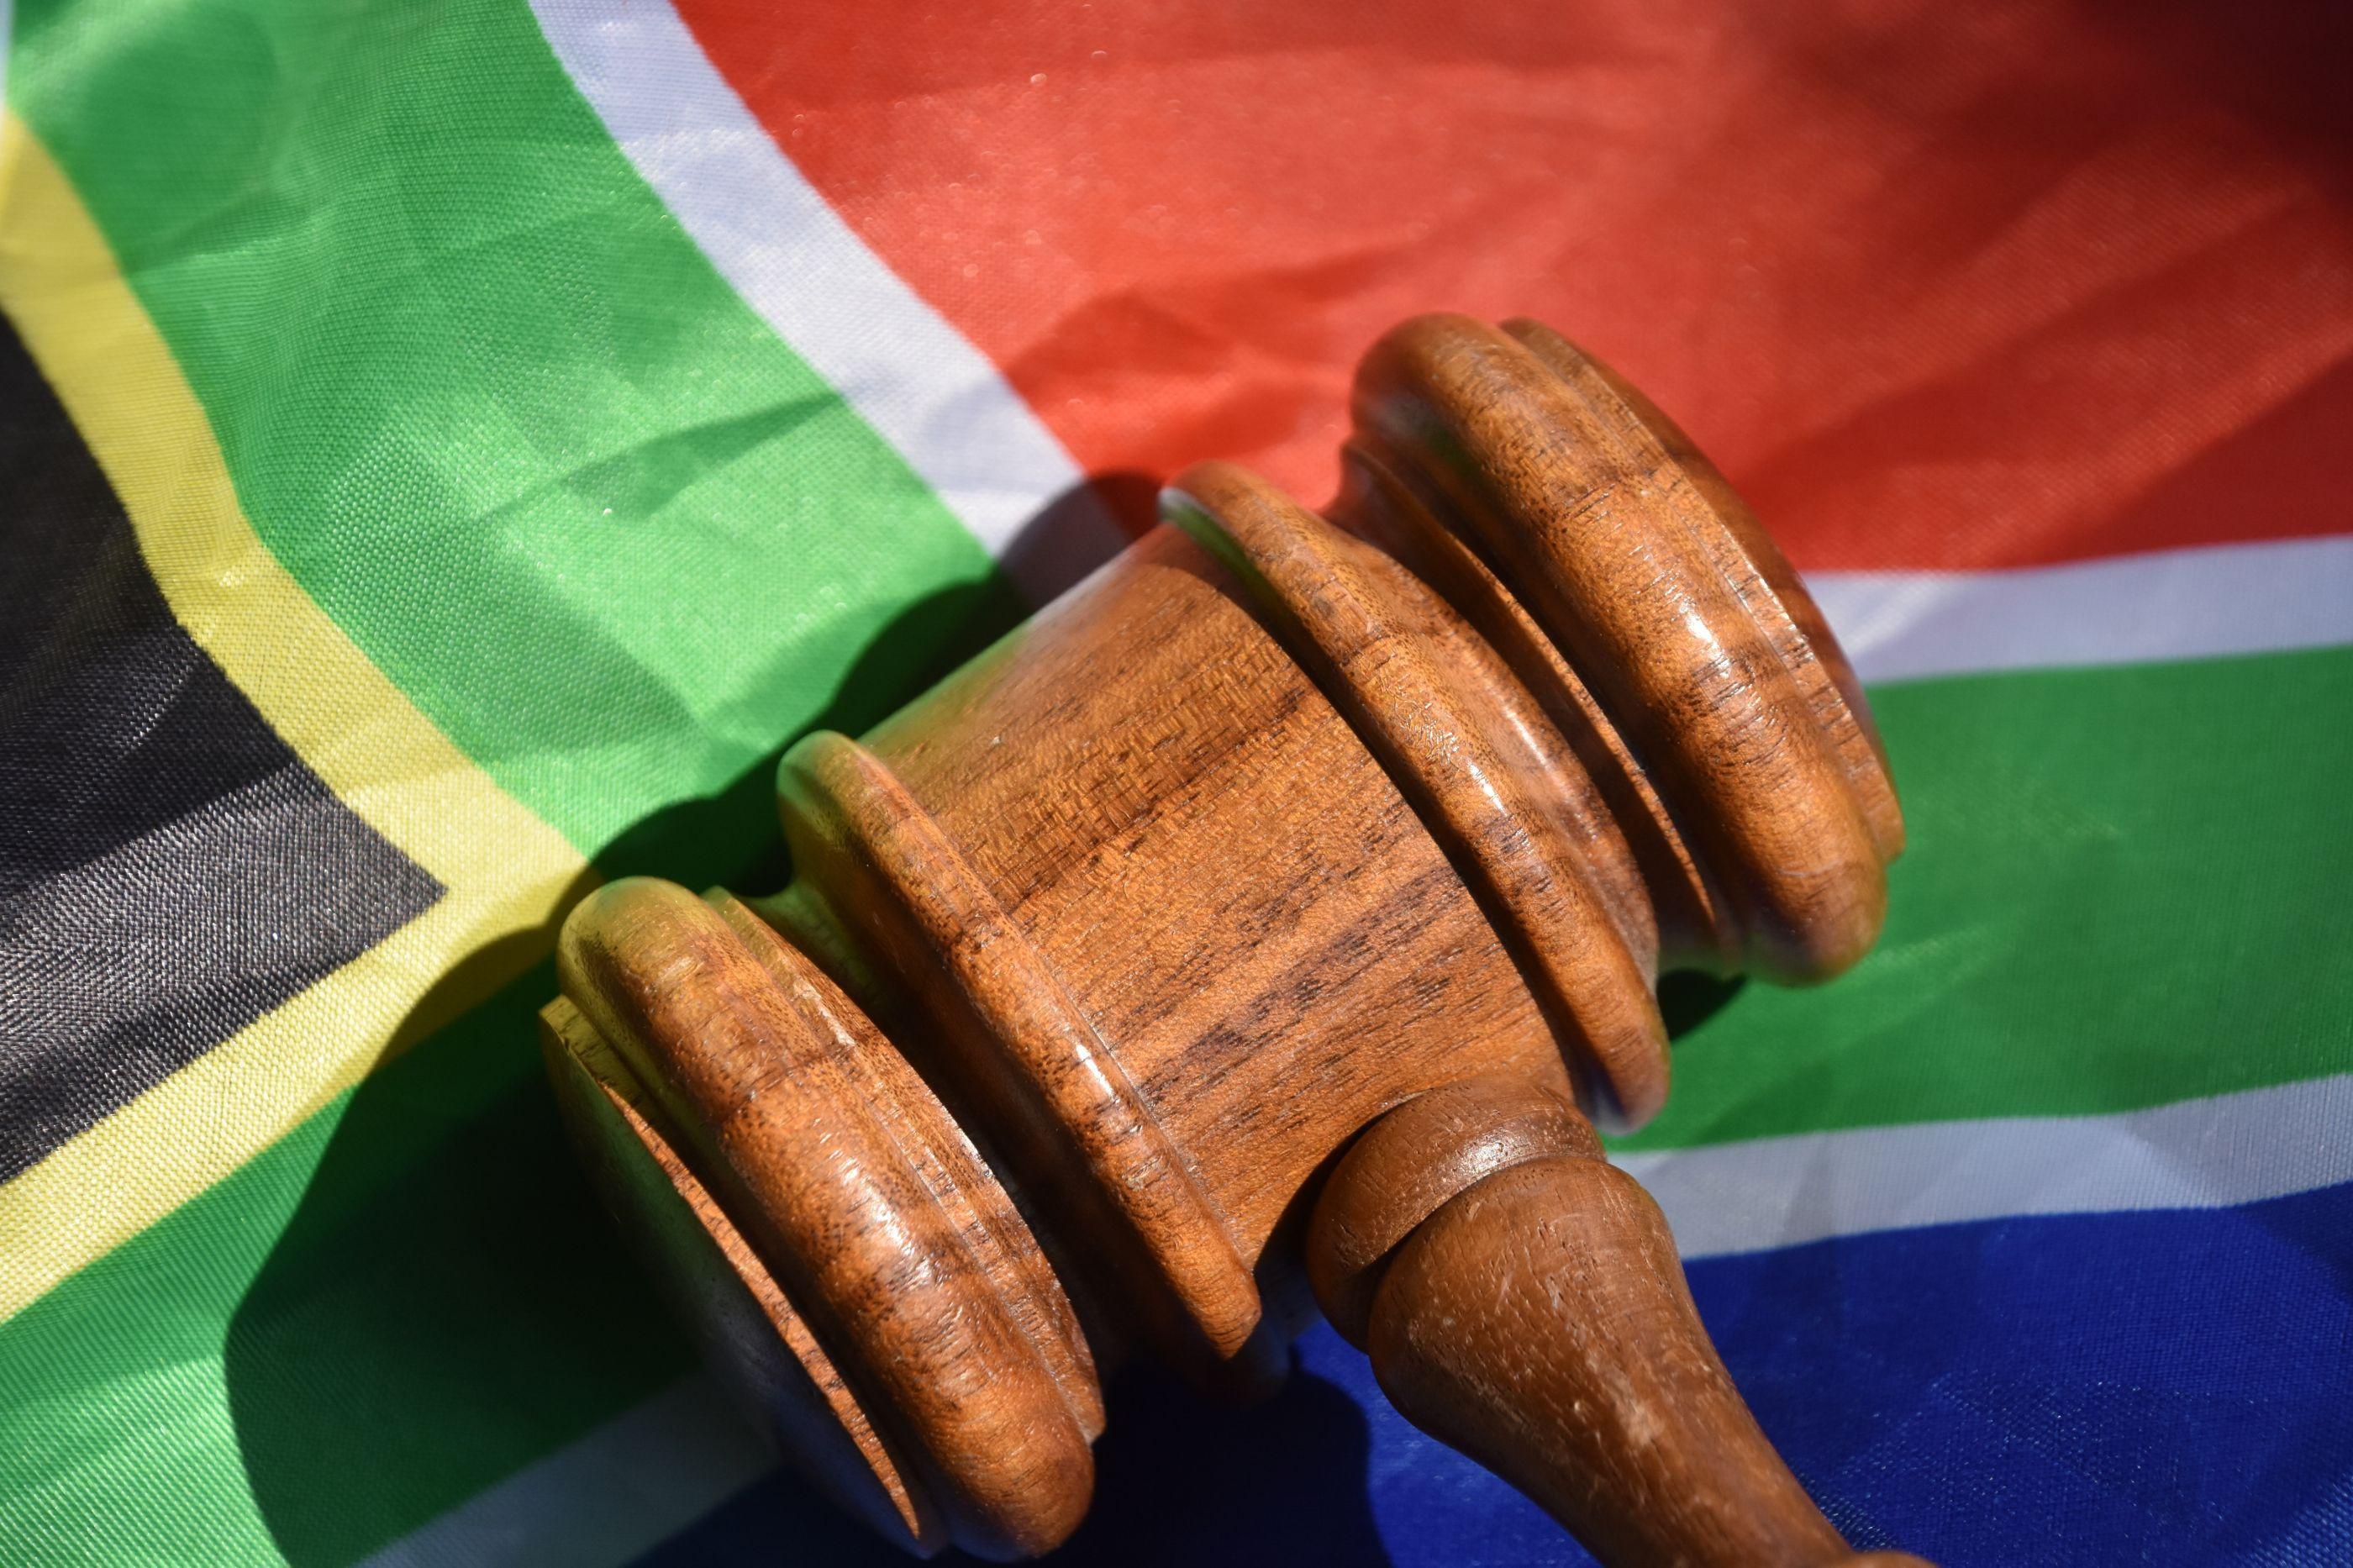 País em choque com emissão televisiva de julgamento de caso de violação